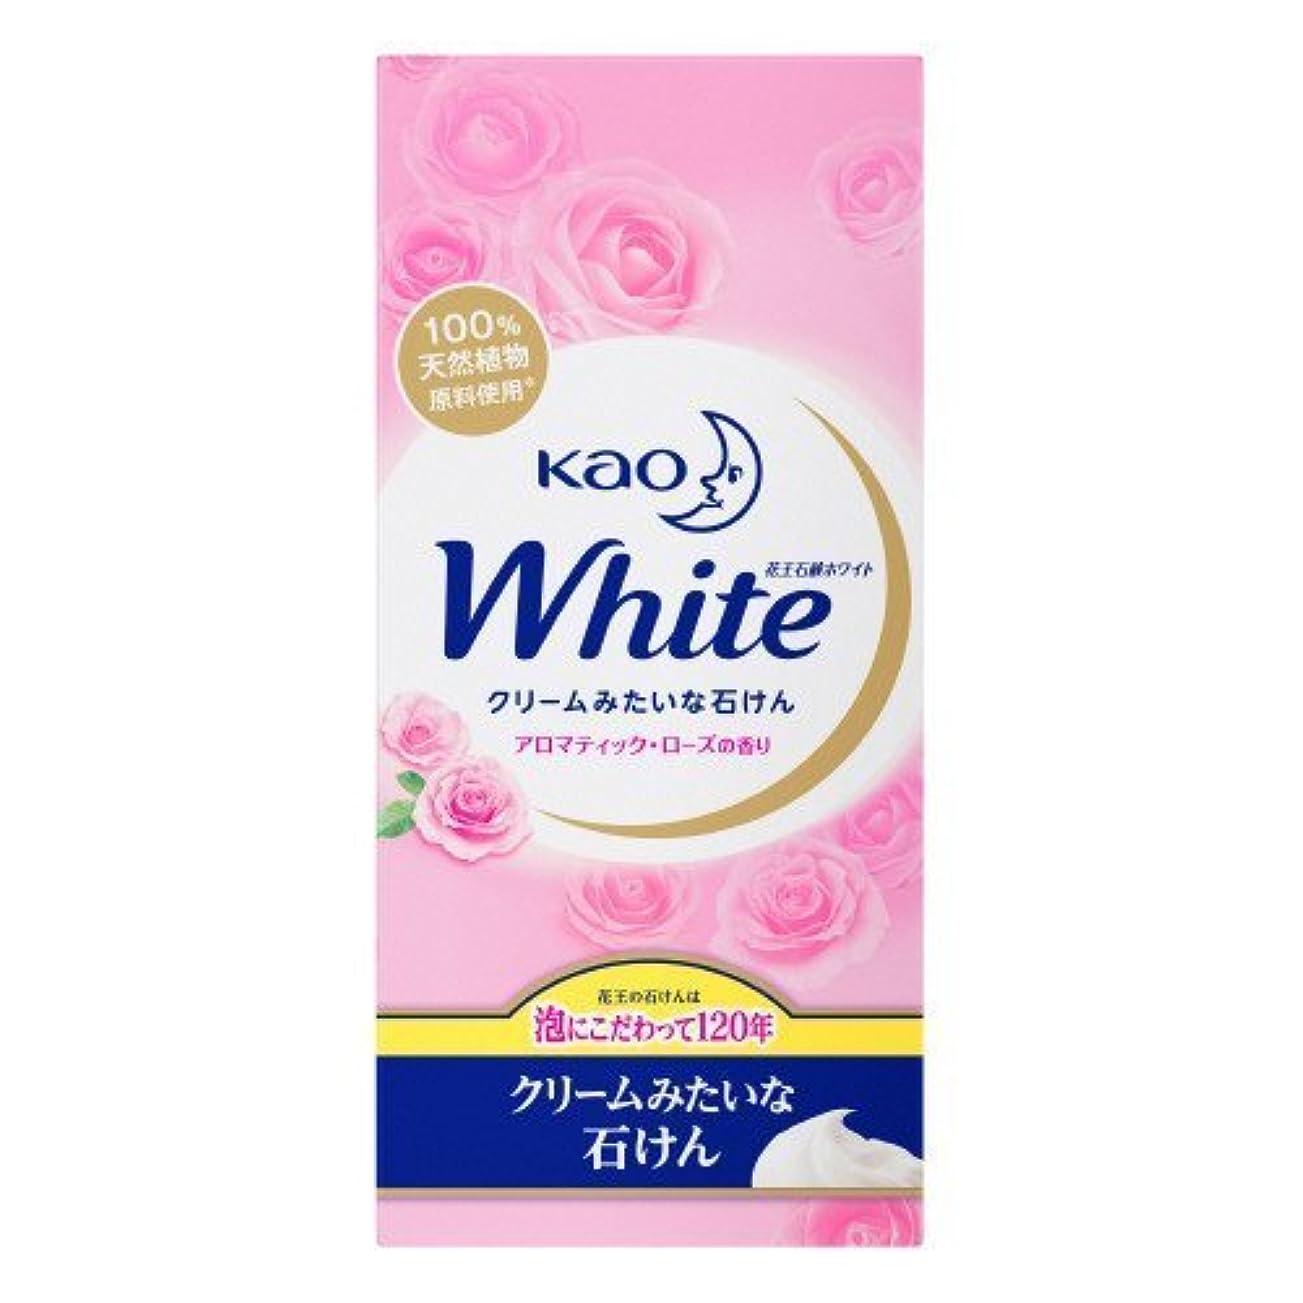 モトリー委員長英語の授業があります【花王】花王ホワイト アロマティックローズの香りレギュラーサイズ (85g×6個) ×10個セット